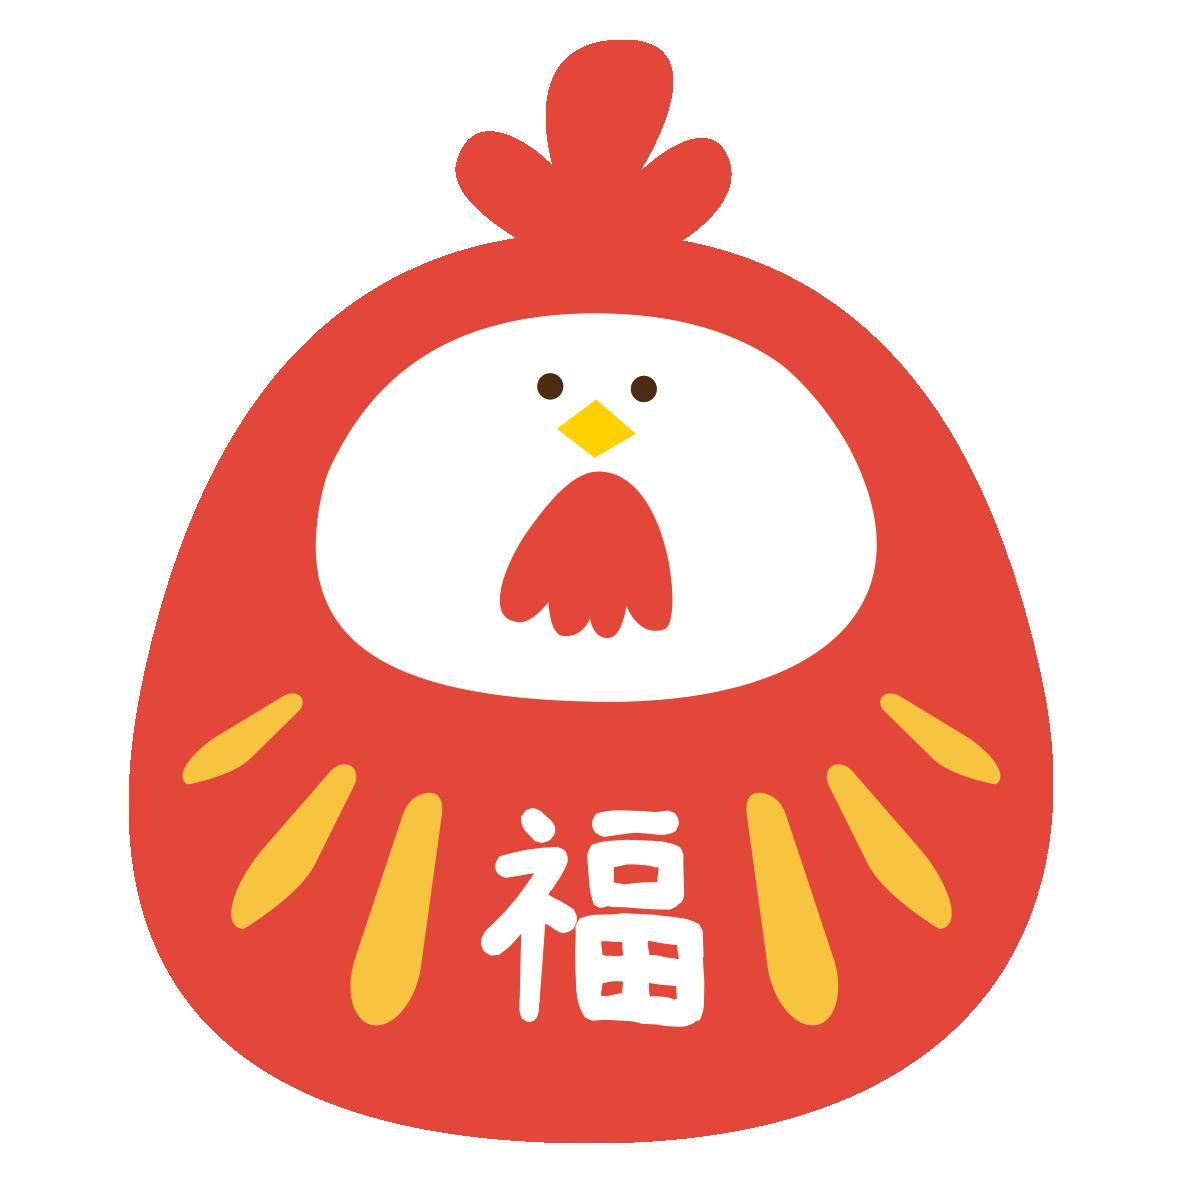 ニワトリと達磨」 - 無料イラスト愛